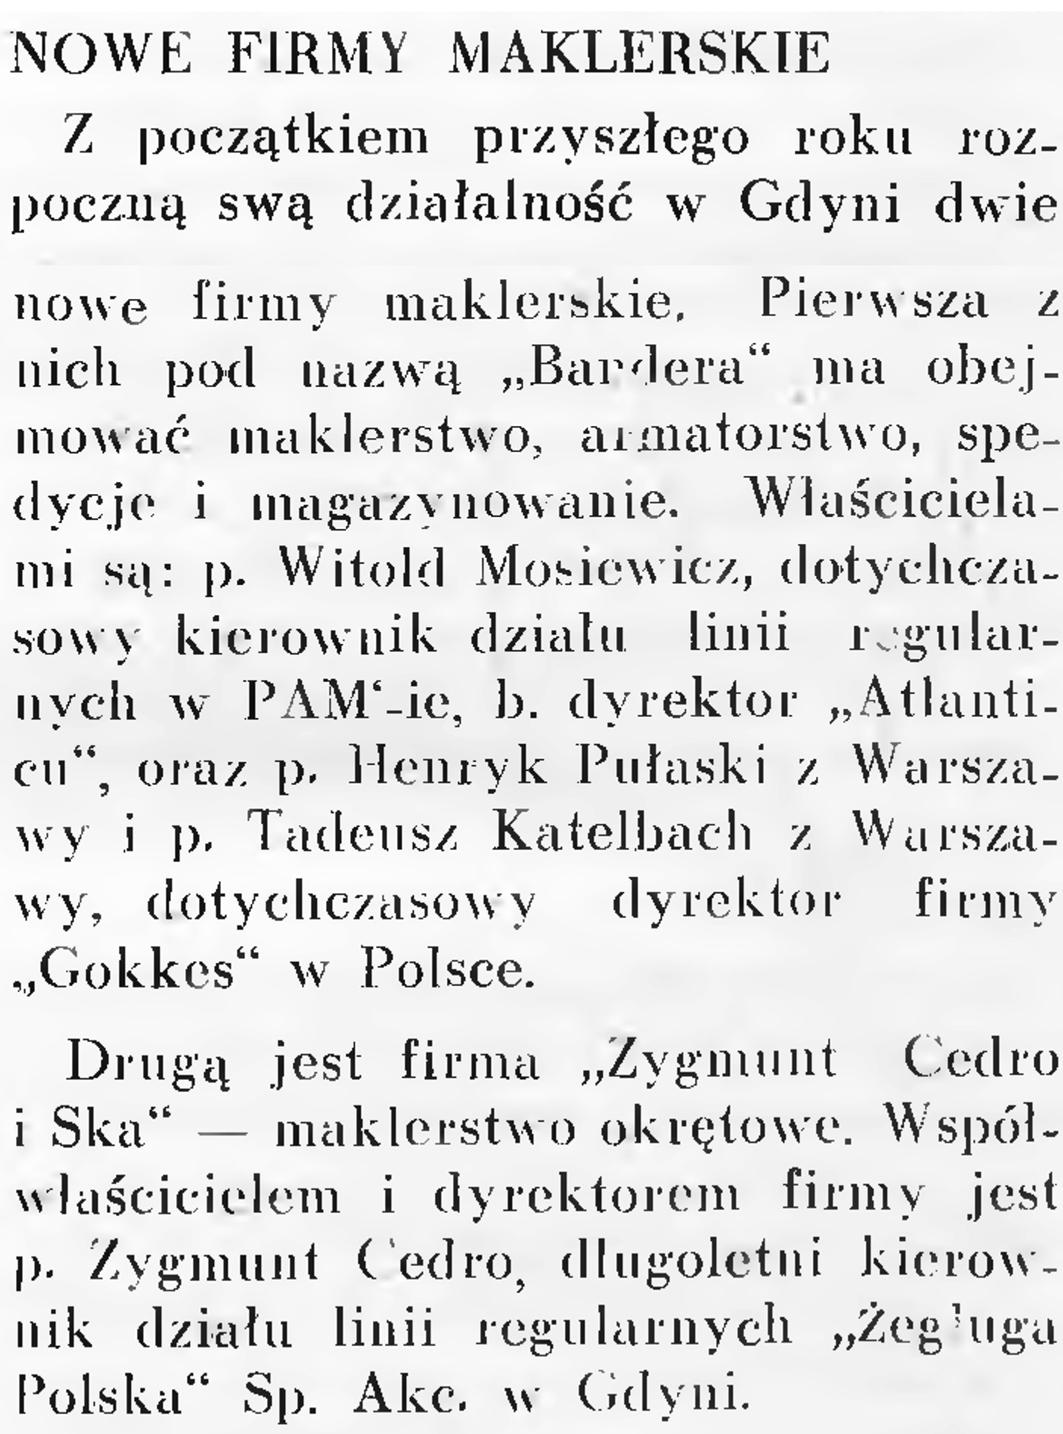 Nowe firmy maklerskie // Wiadomości Portu Gdyńskiego. - 1937, nr 12, s. 16